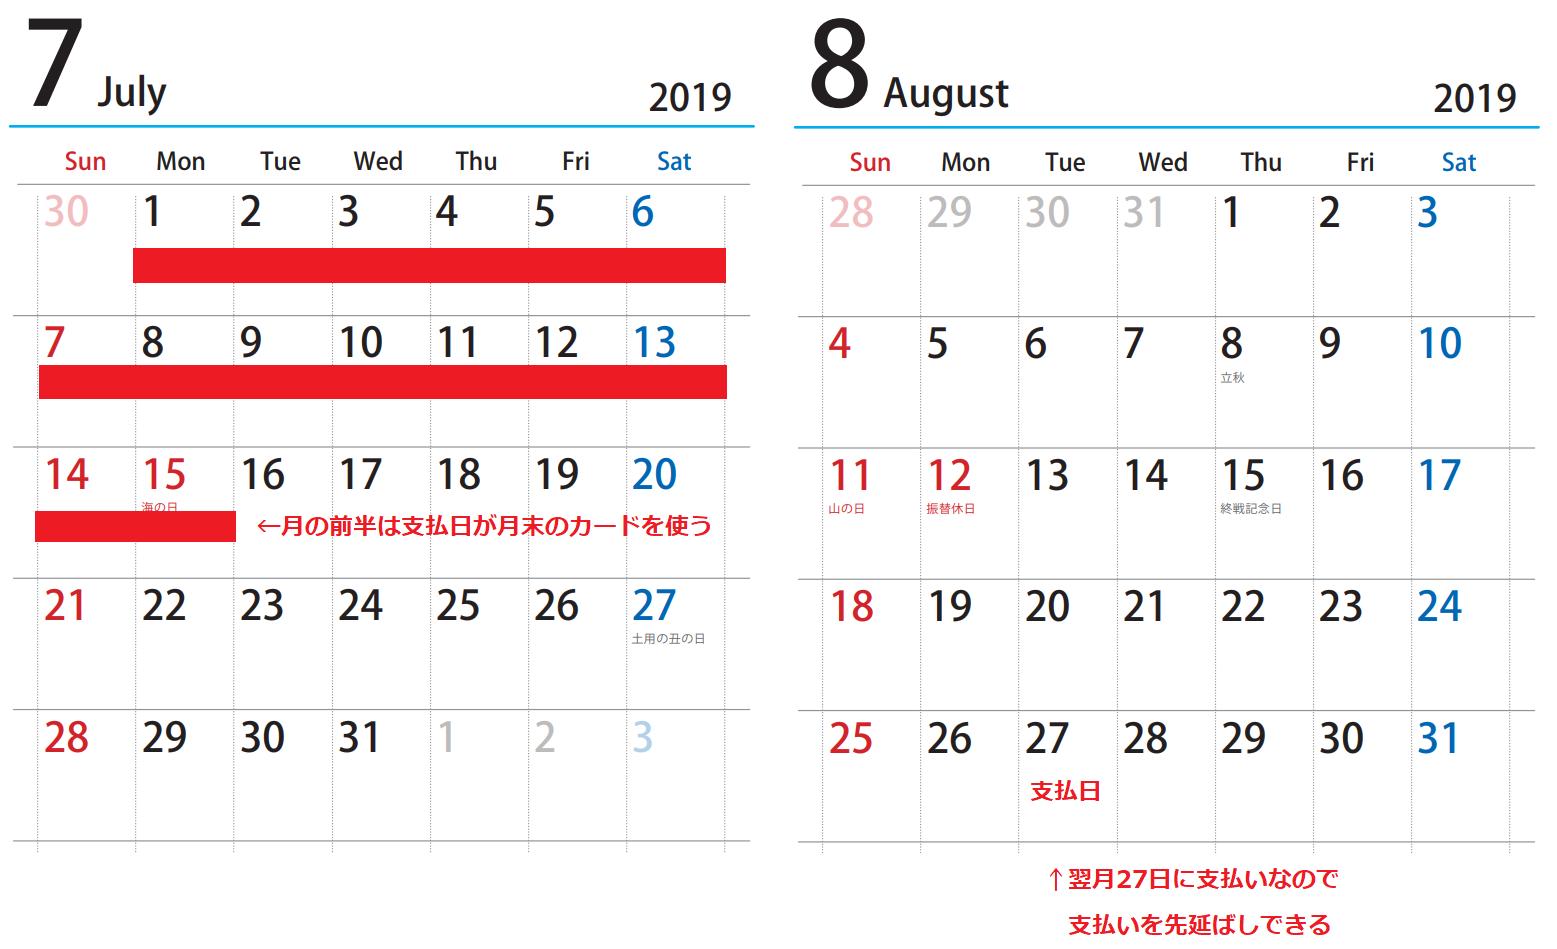 締め日が月末のクレジットカードは月の前半に使う